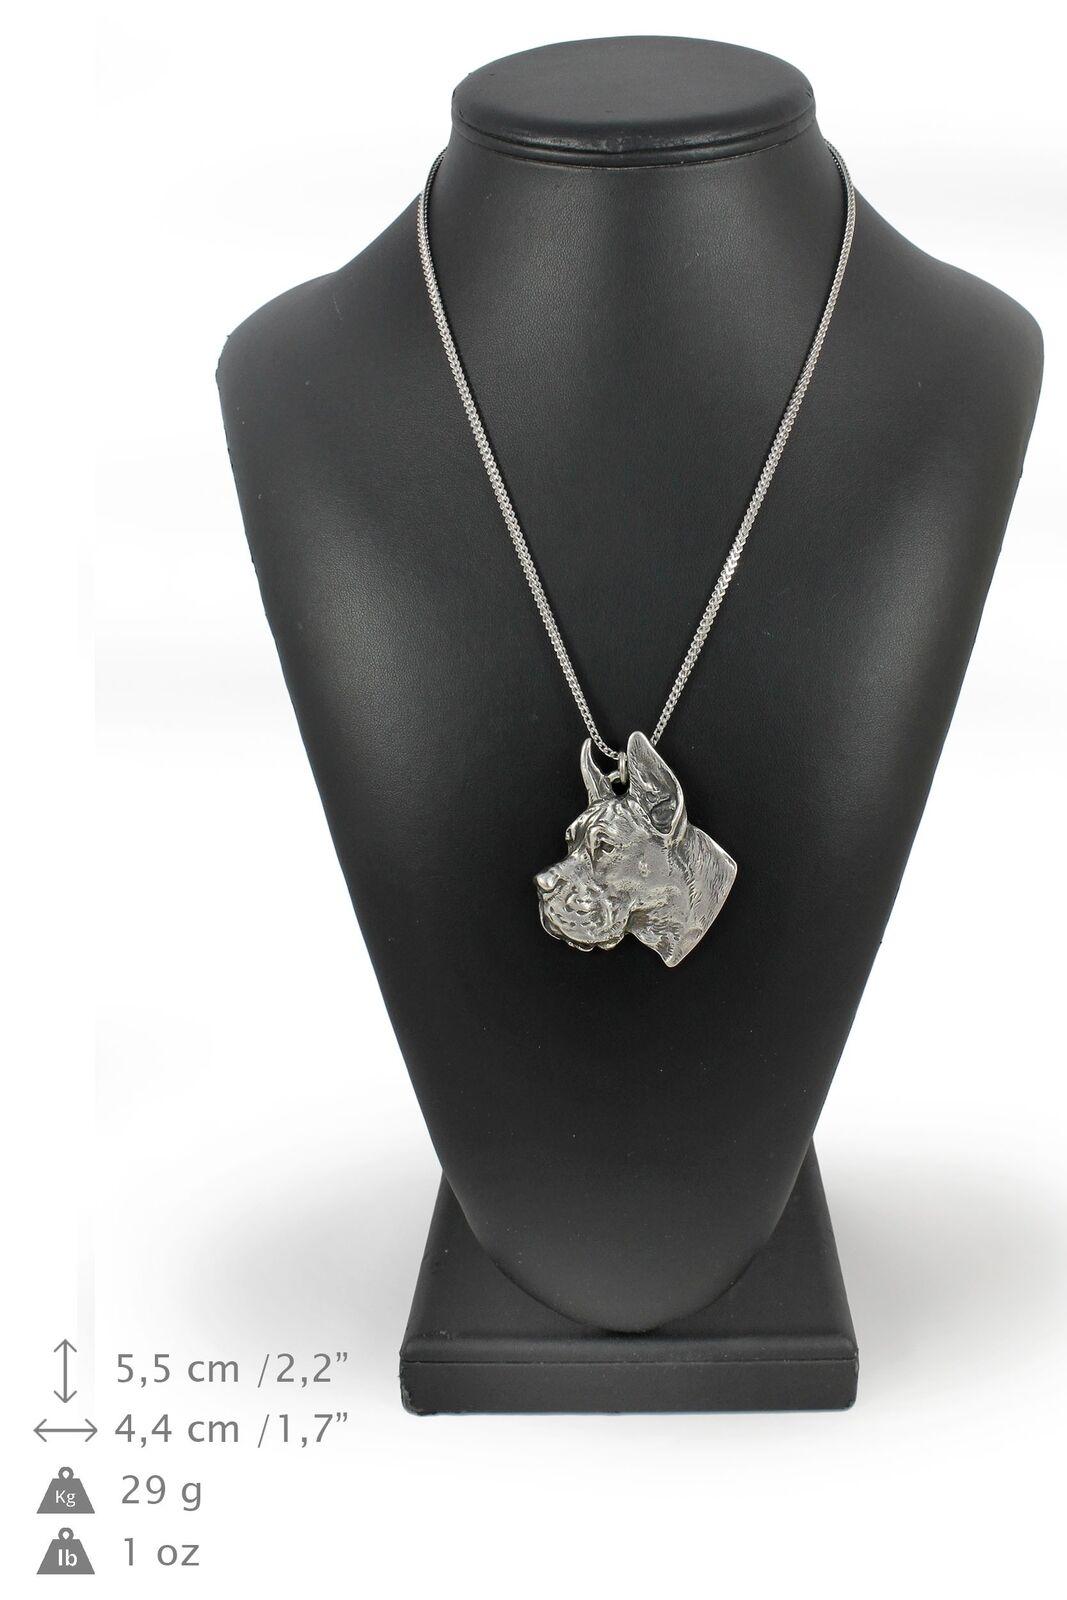 Alano tedesco - collana con un cane su una catena d'silver Art Dog IT